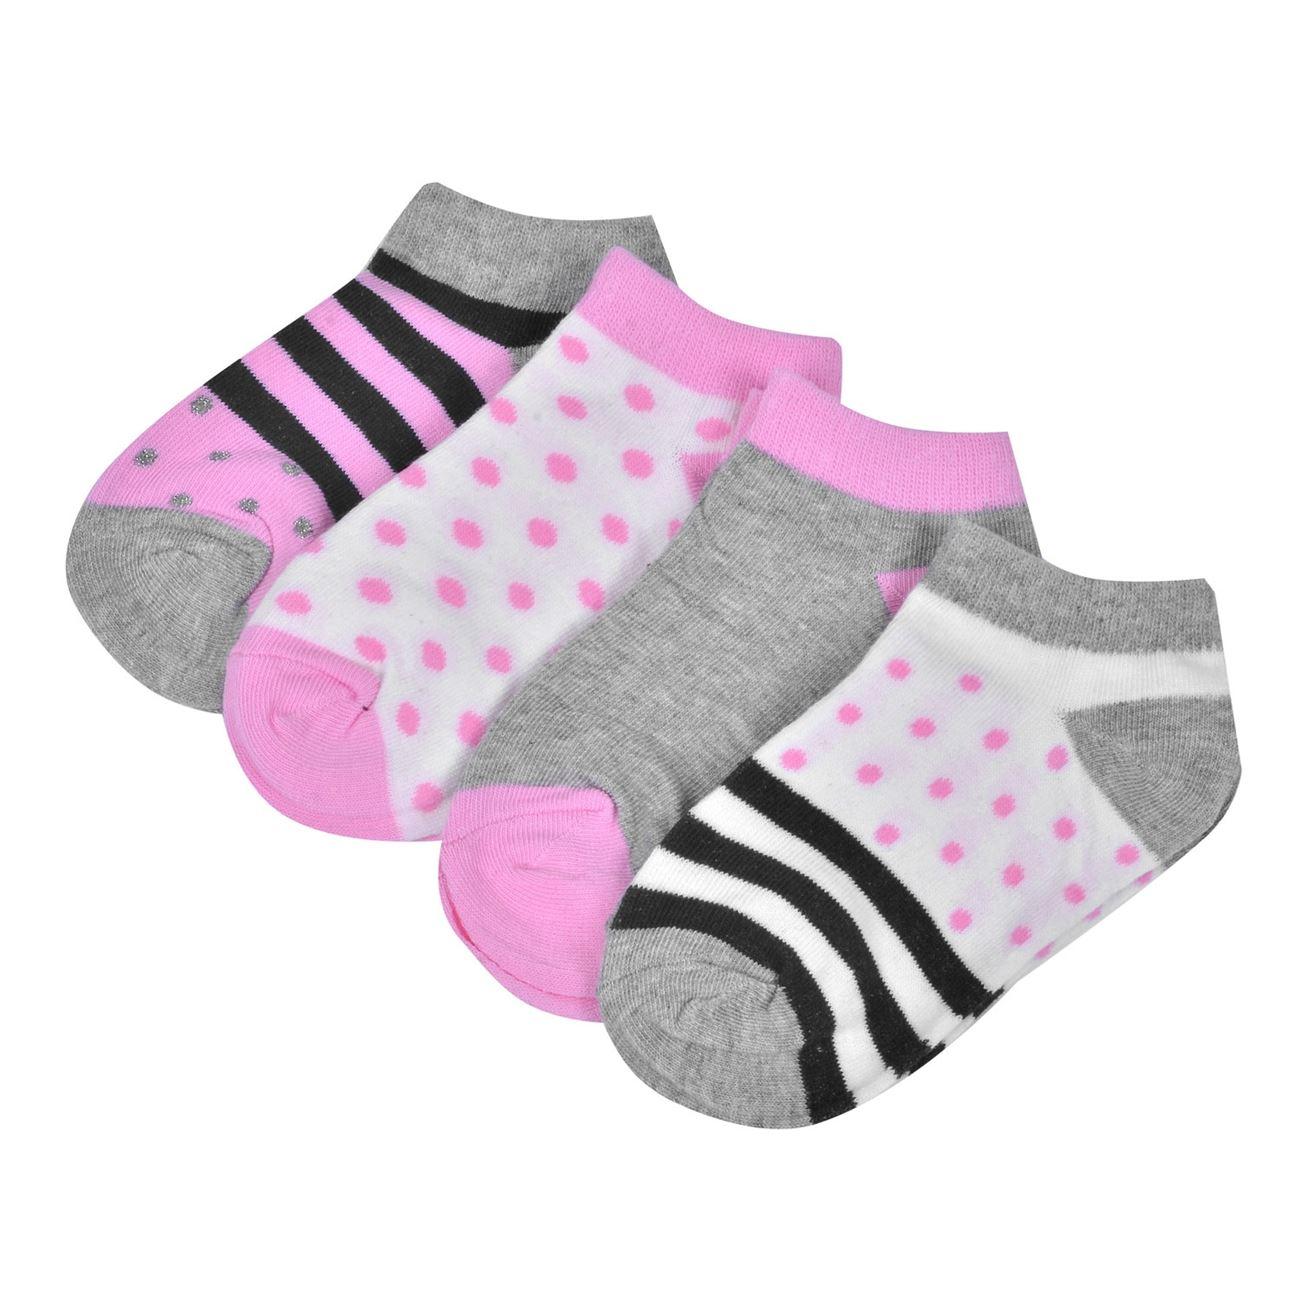 Κάλτσες Παιδικές Σοσόνια Πουά Ριγέ - 4 ζευγ.   Κάλτσες Σοσόνια ... abfa27aec37